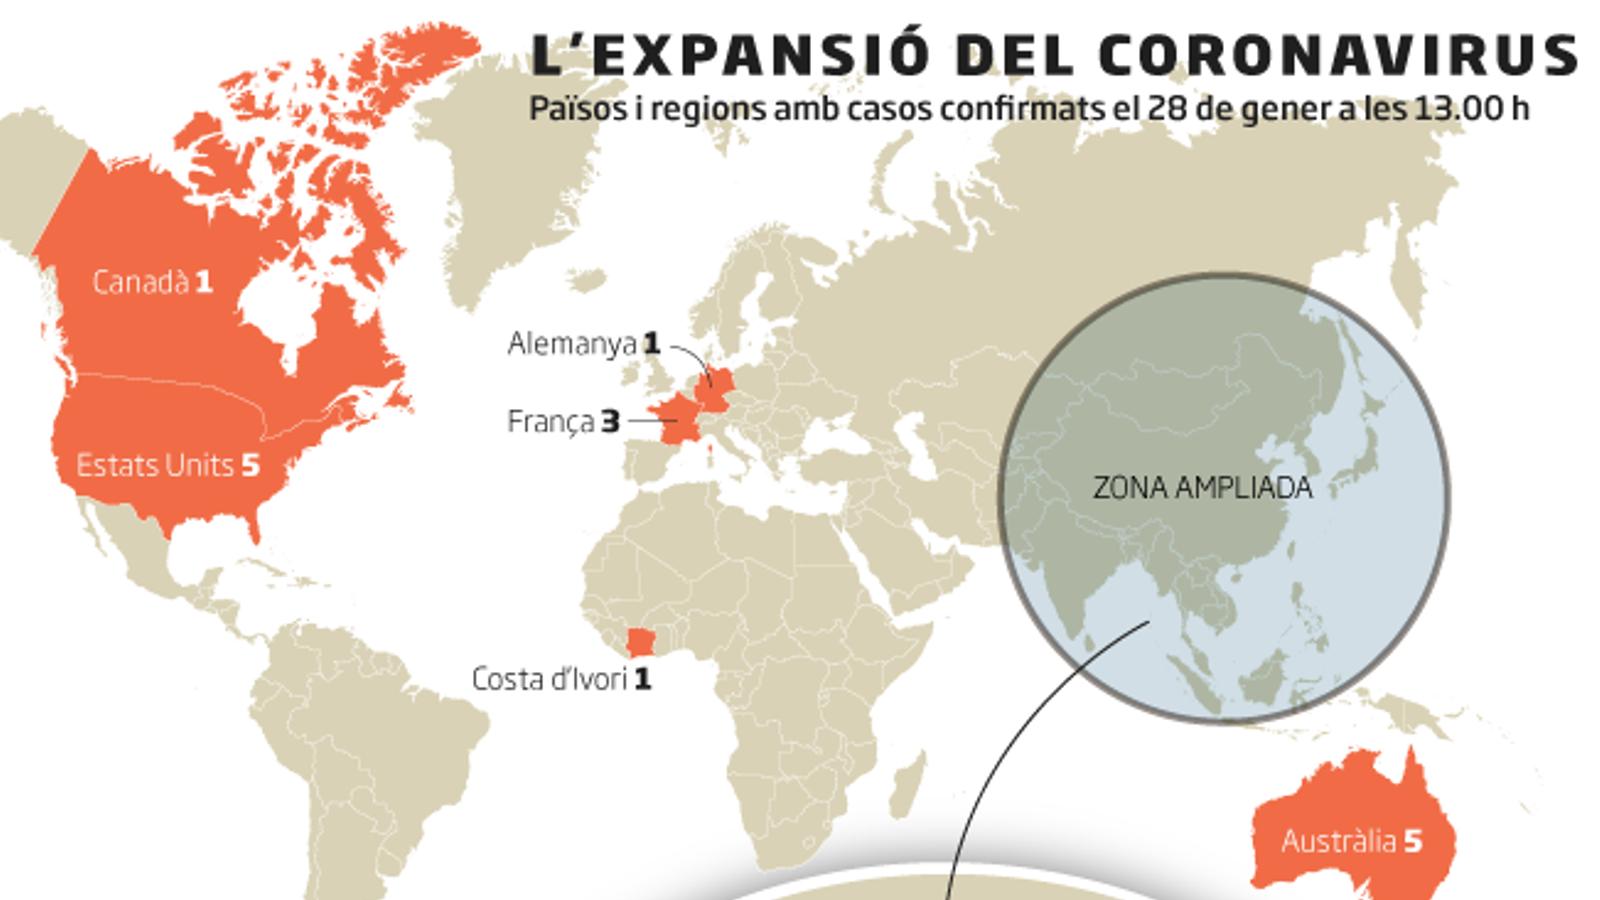 Alemanya confirma el primer cas de contagi del coronavirus a Europa d'un pacient que no havia estat a la Xina